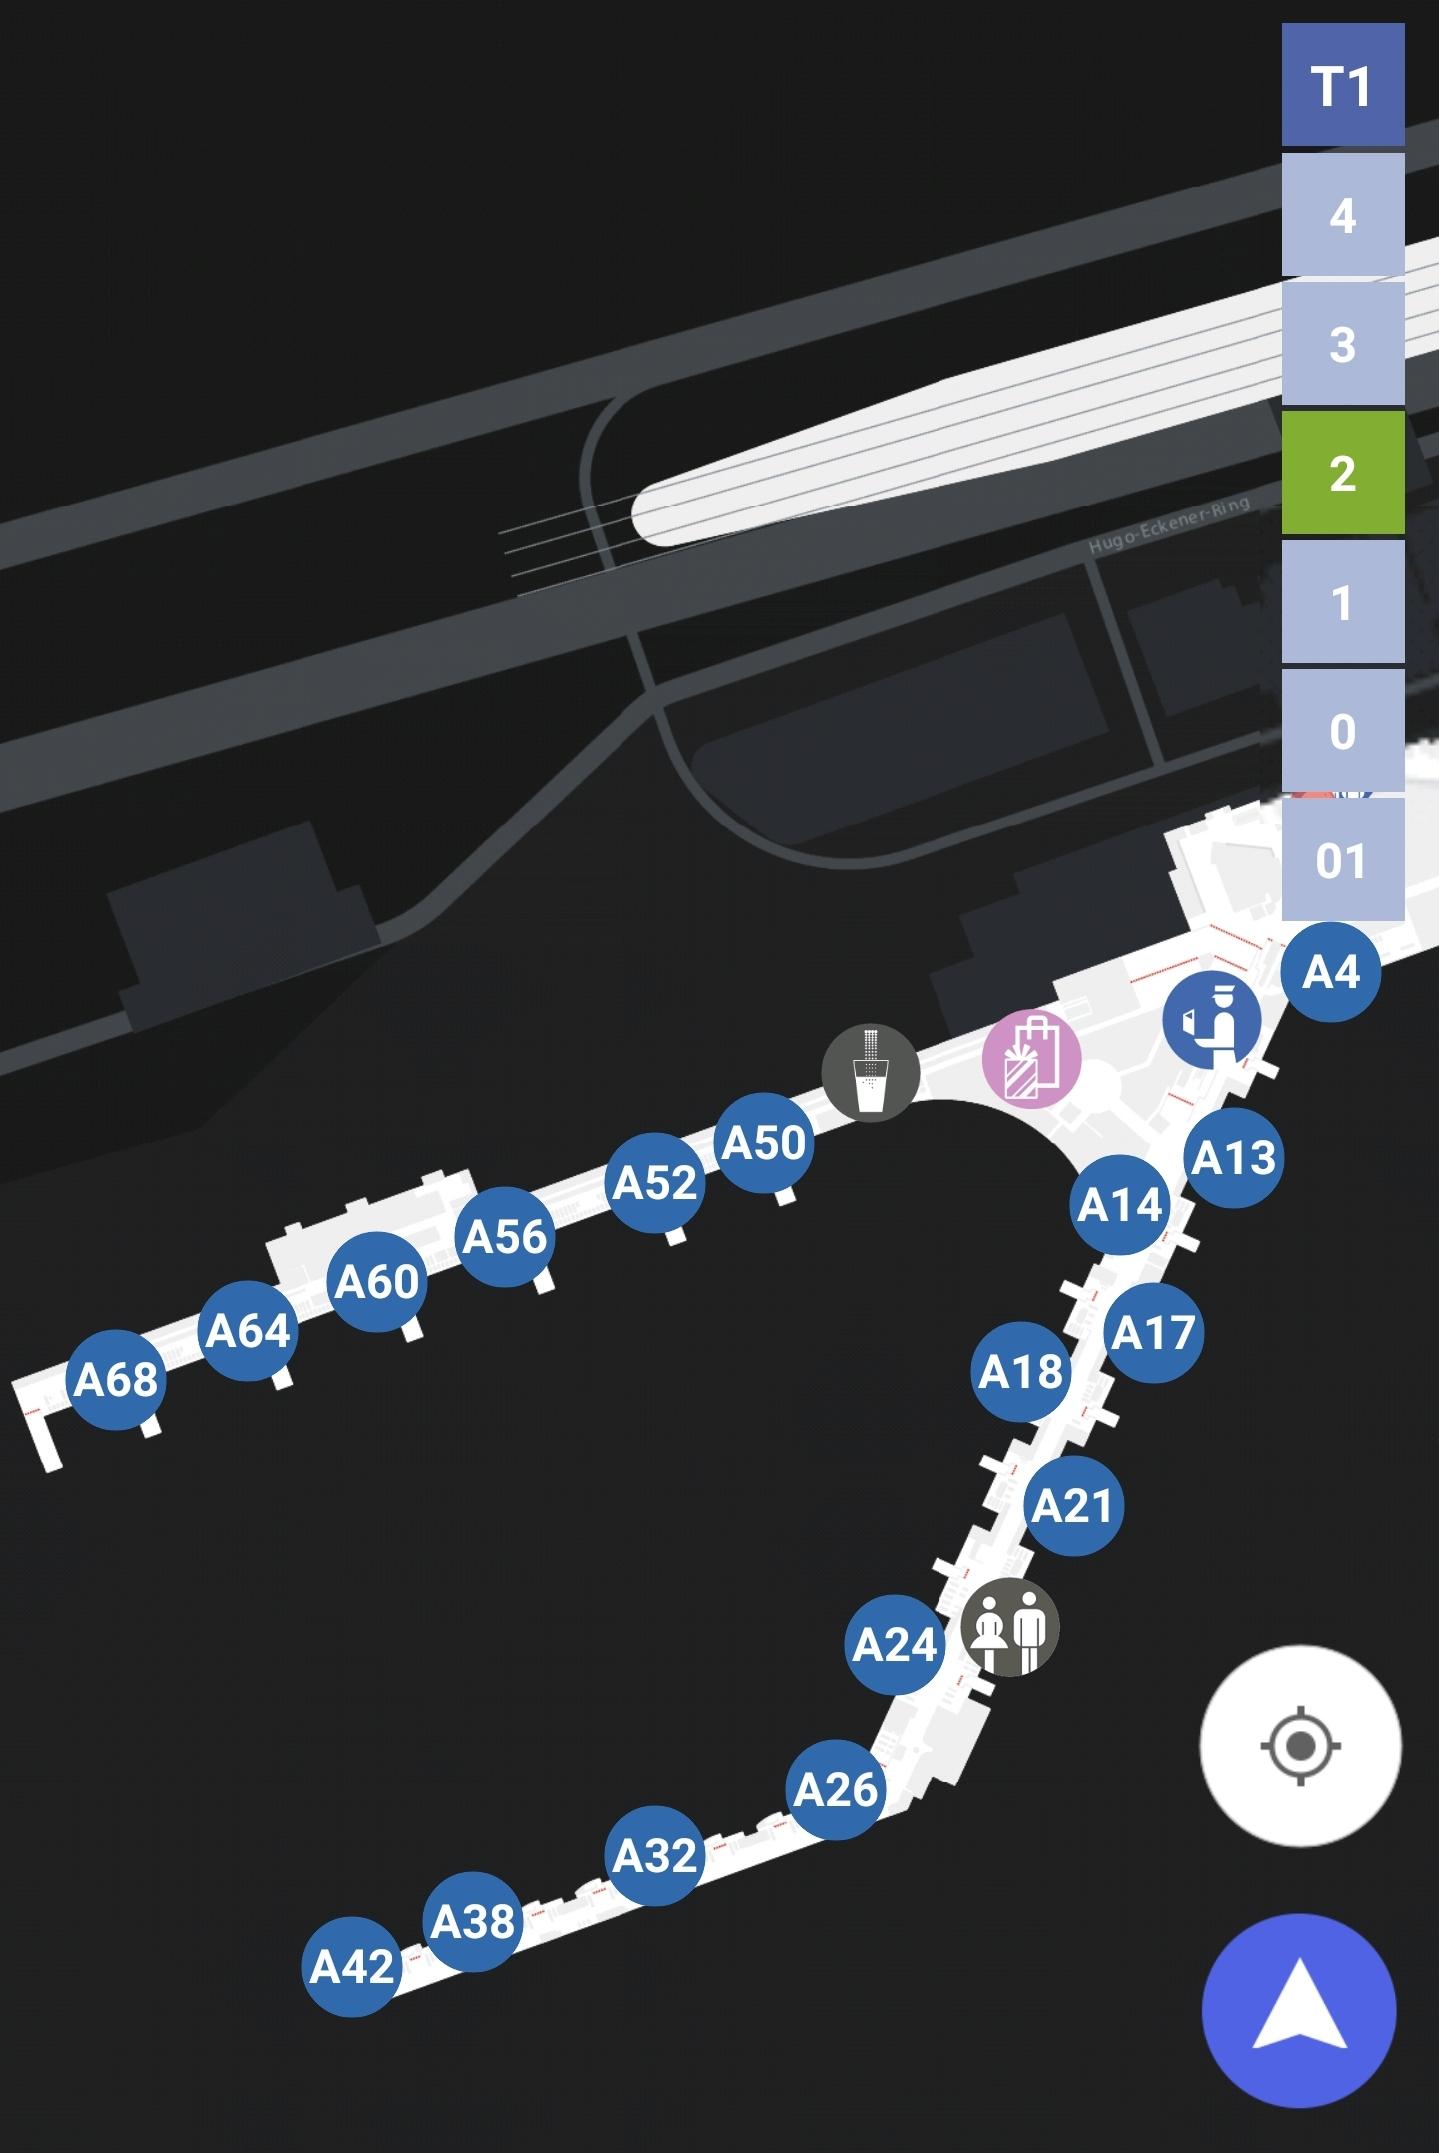 Karten Maps Terminal 1 mit Ebene 2 und Gates A am Flughafen Frankfurt Airport FRA